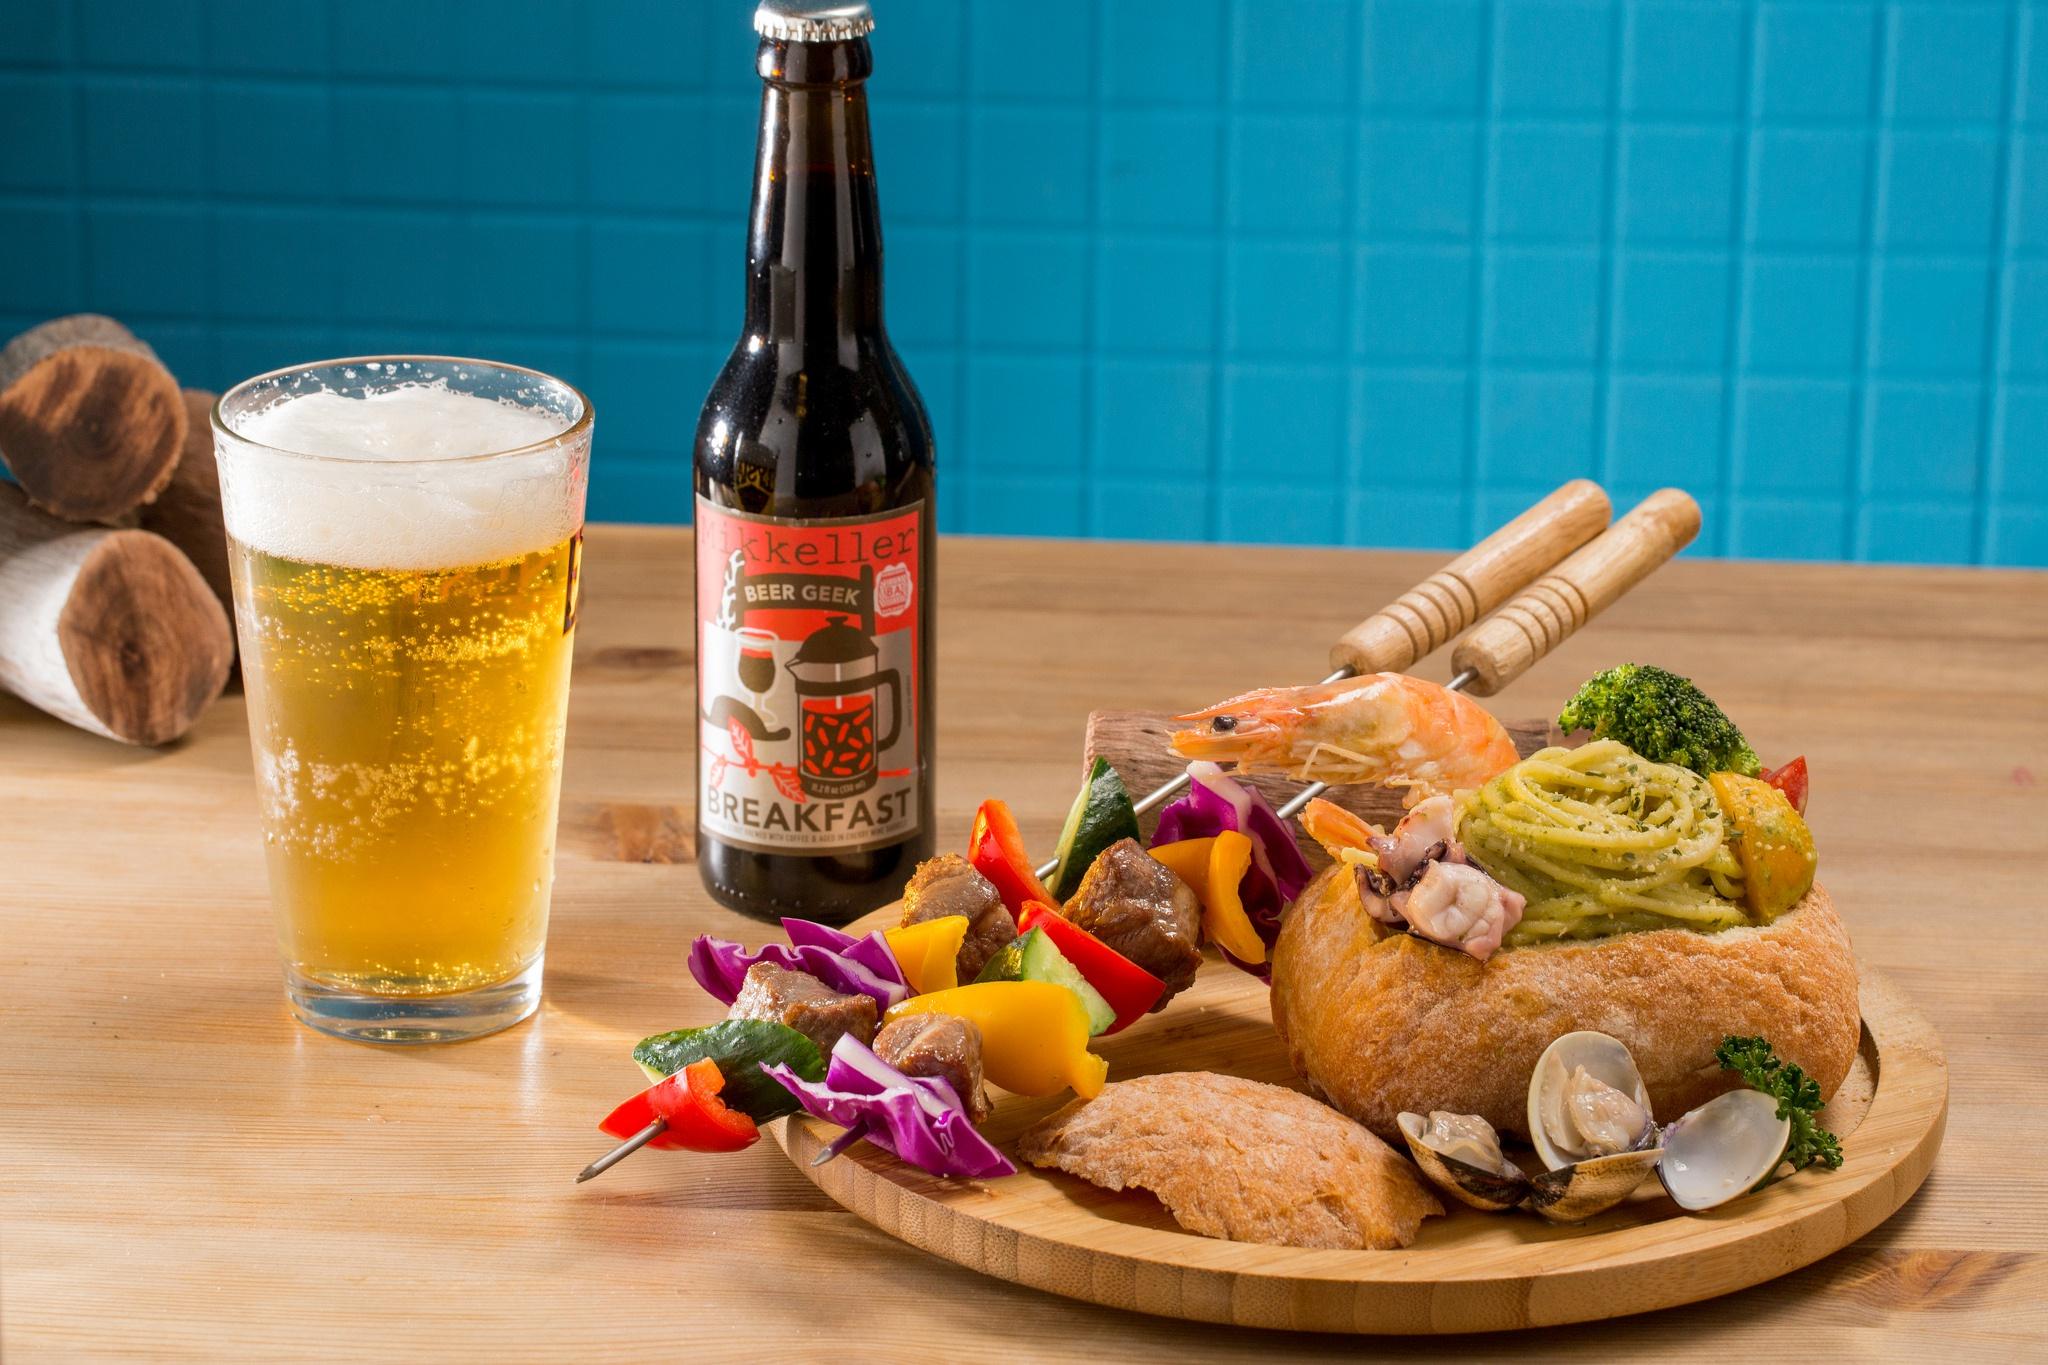 Картинка шашлыка и пива